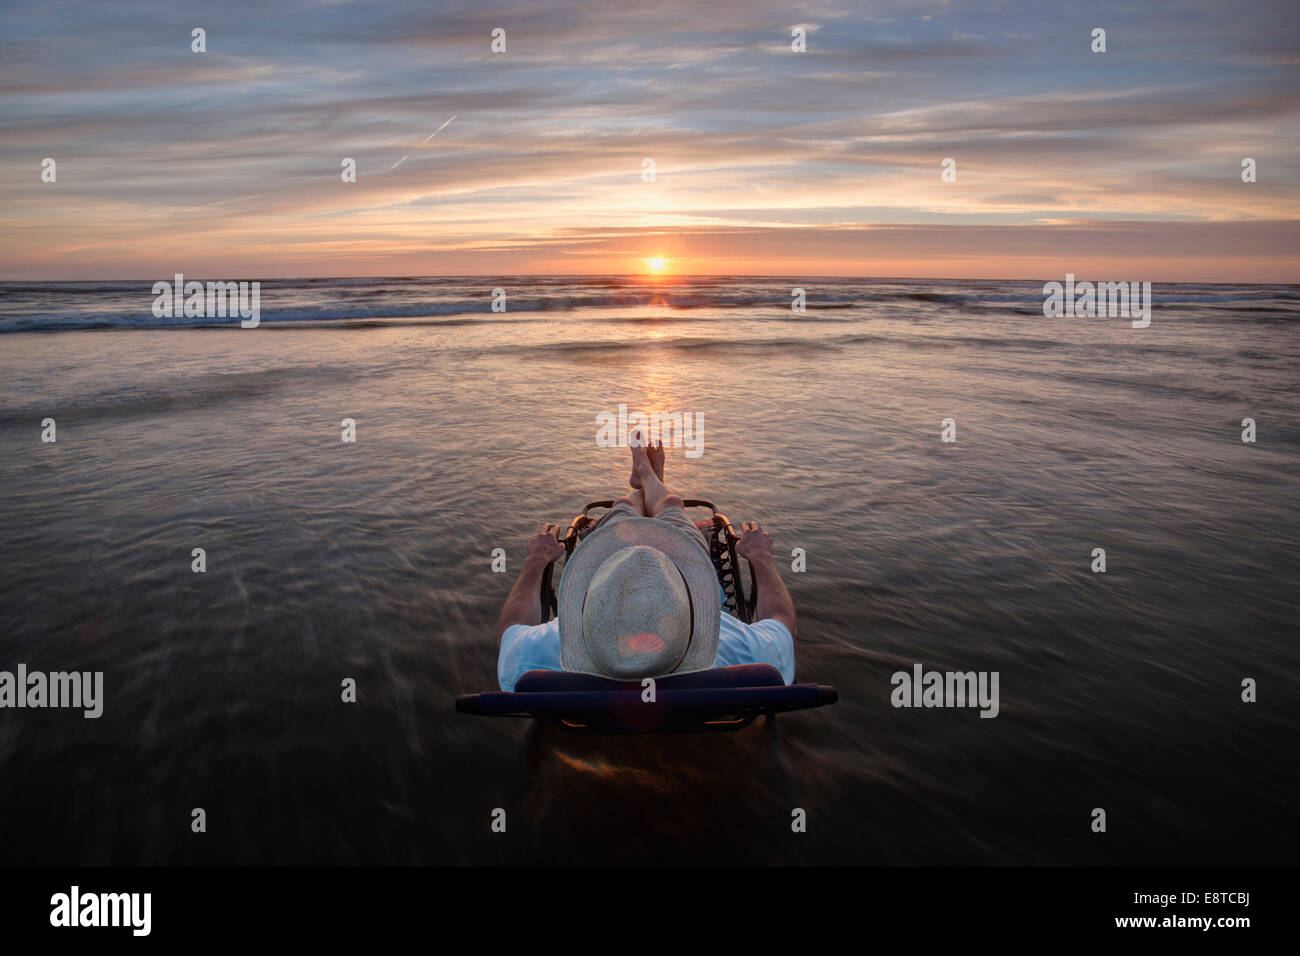 Hombre caucásico en tumbona con vistas del atardecer en la playa Imagen De Stock